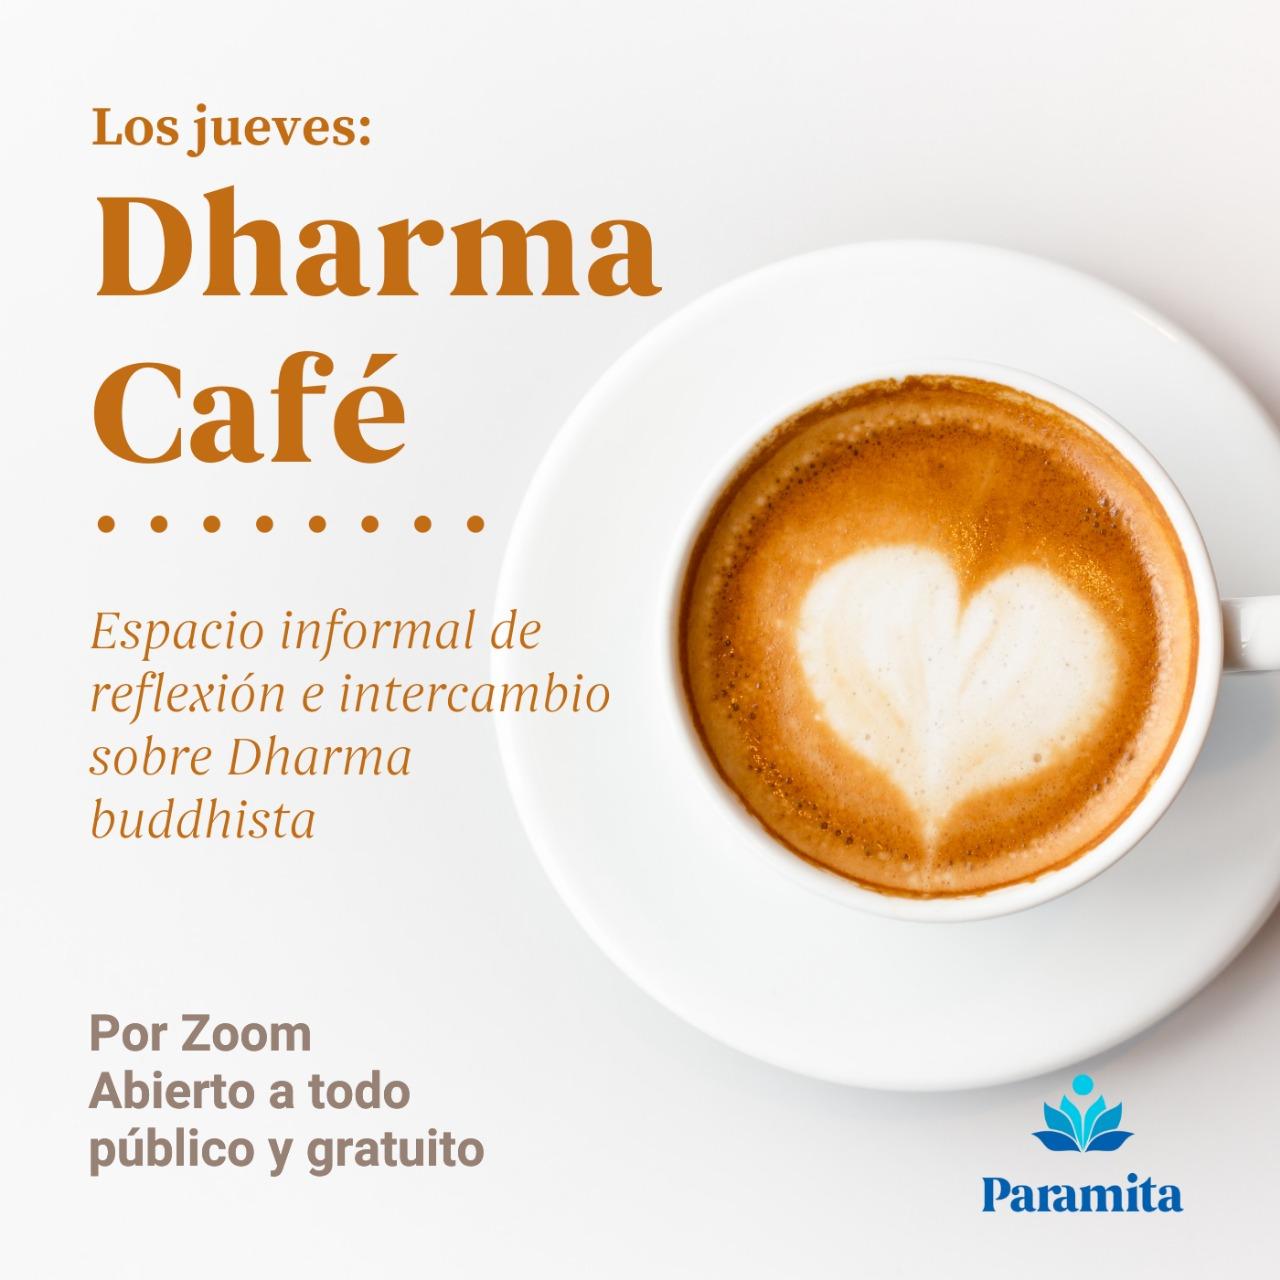 Dharma Café